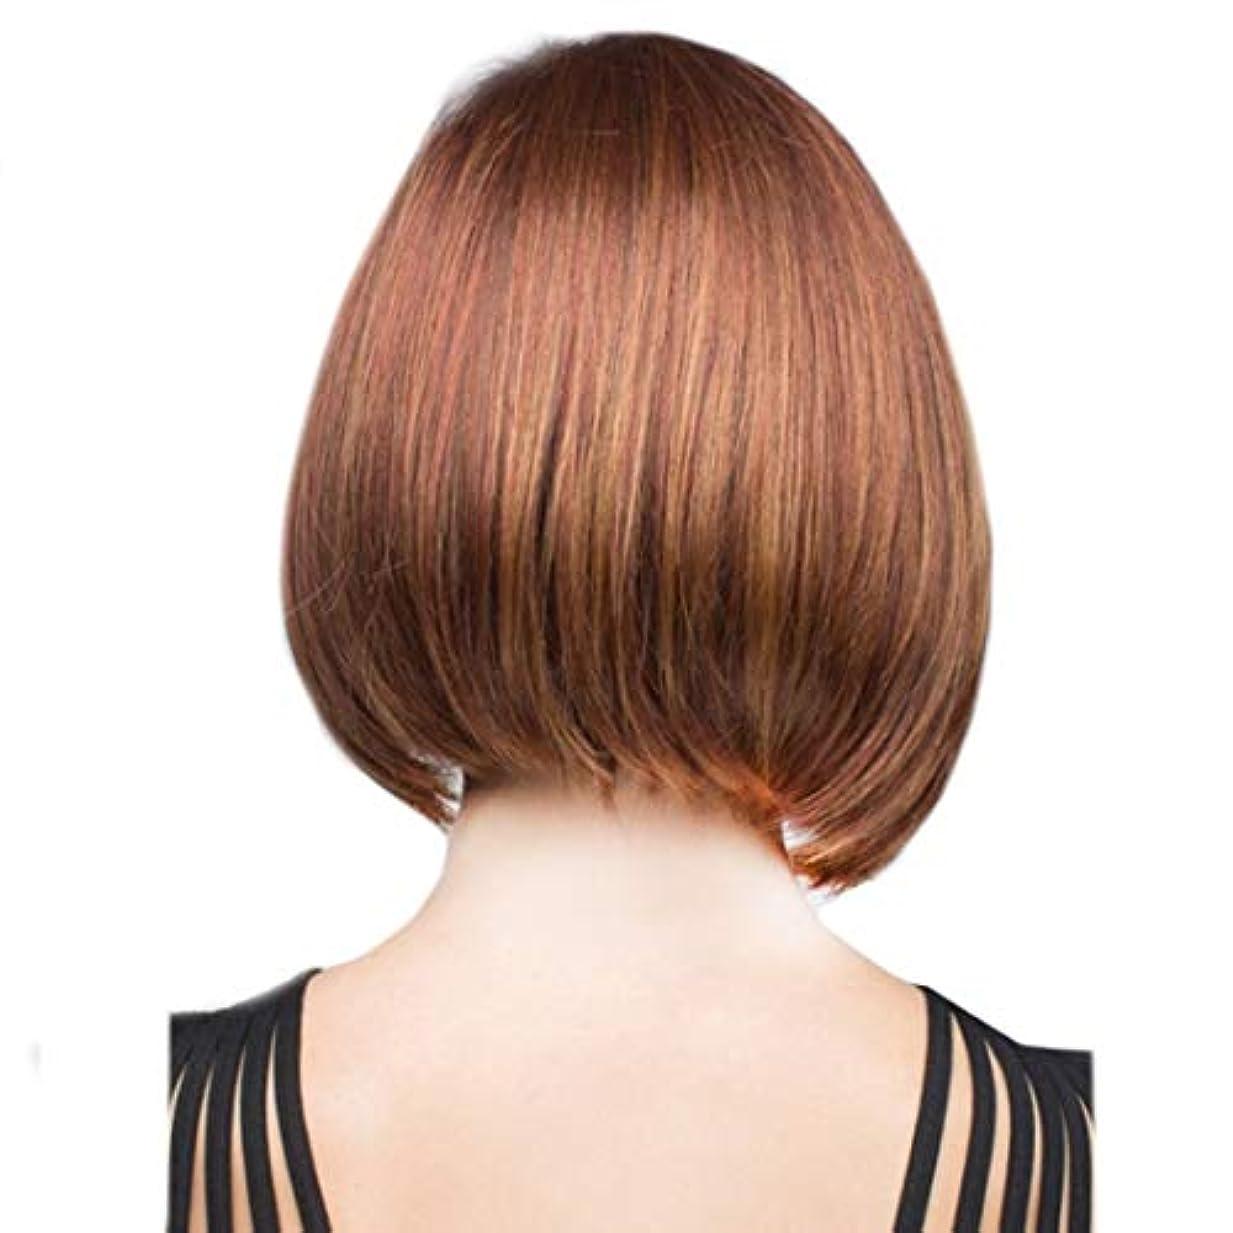 しなやかな料理後悔Kerwinner ショートボブの髪ウィッグストレート前髪付き合成カラフルなコスプレデイリーパーティーウィッグ本物の髪として自然な女性のための